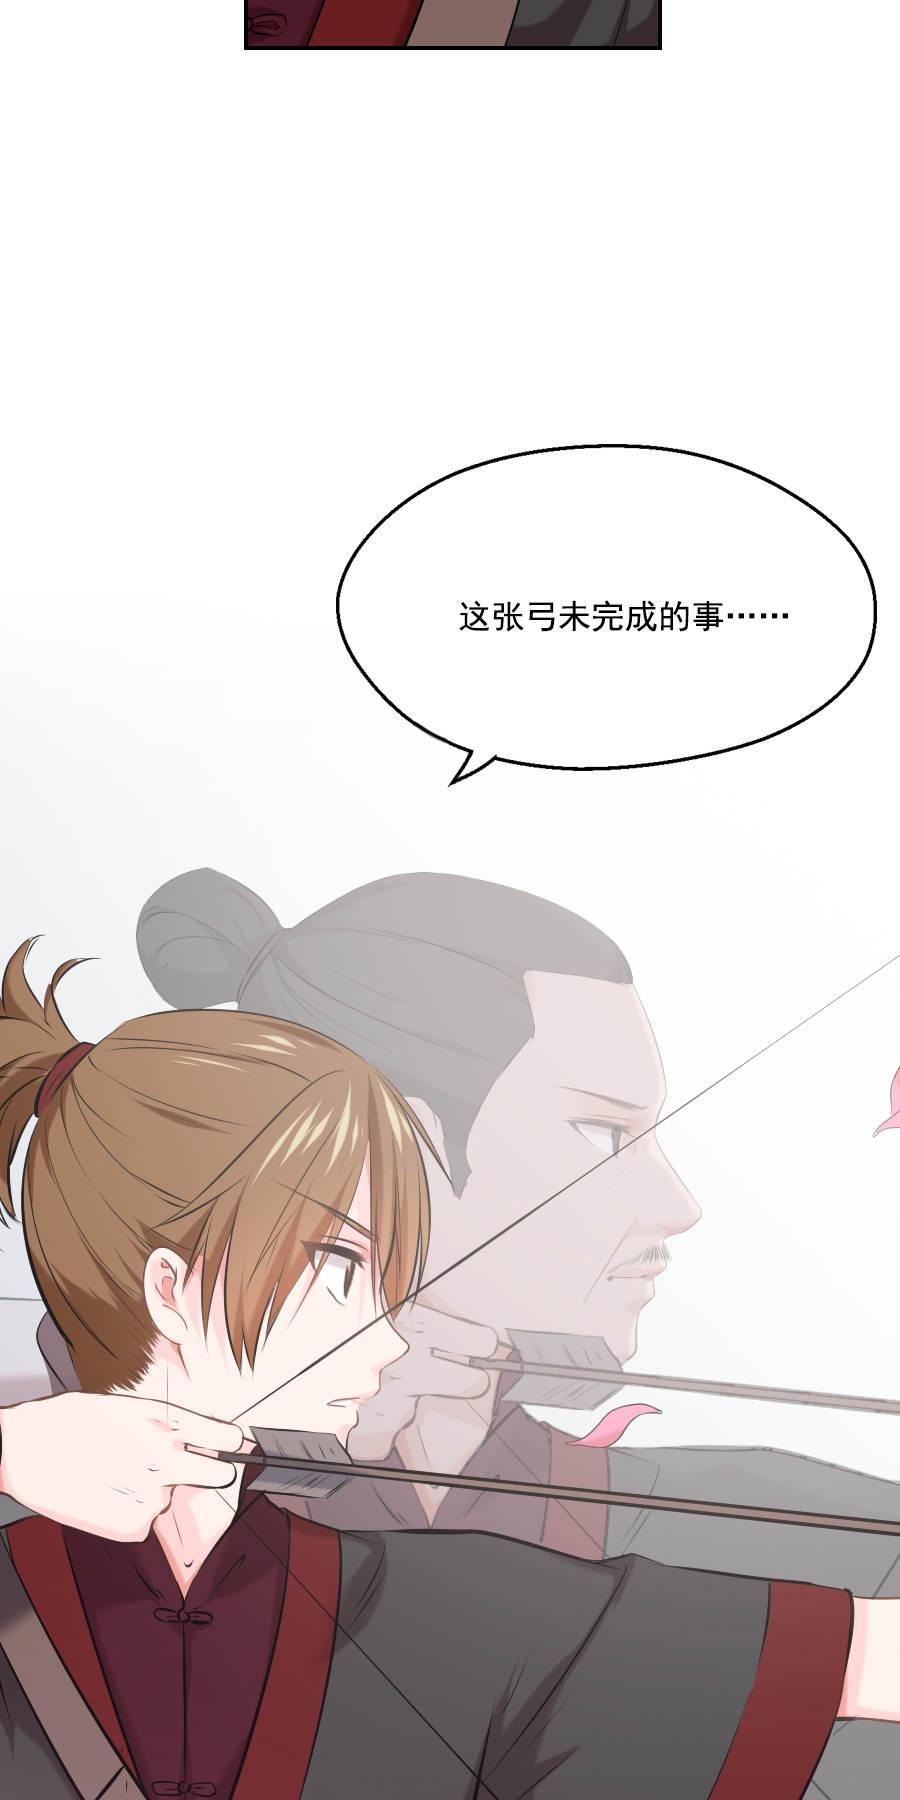 盛世帝王妃第25话  这张弓......你还认得吗 第 15